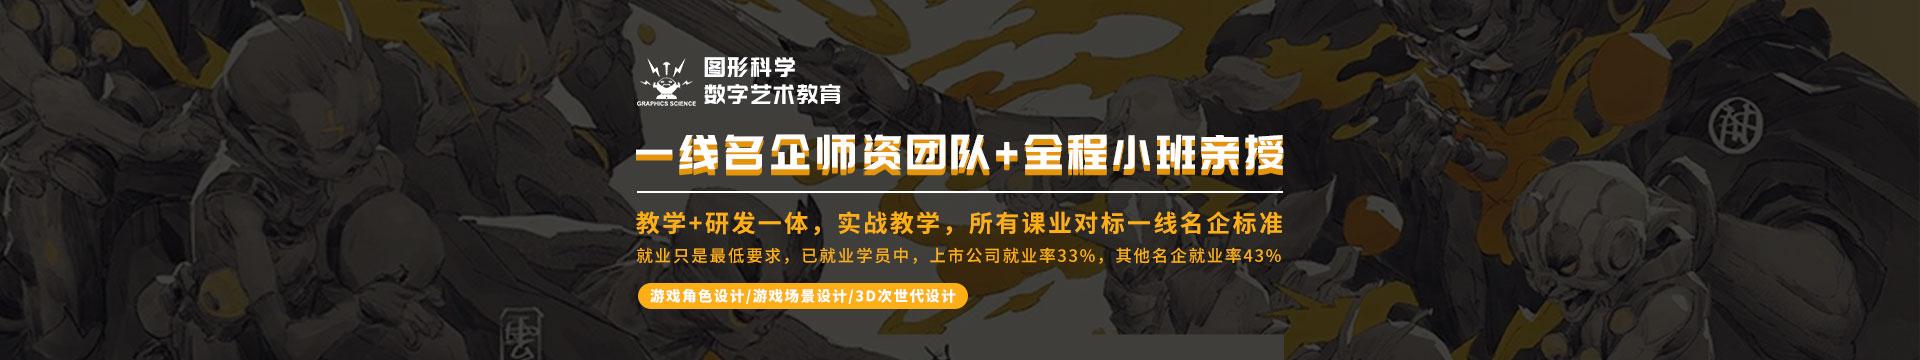 南京培训网投平台app